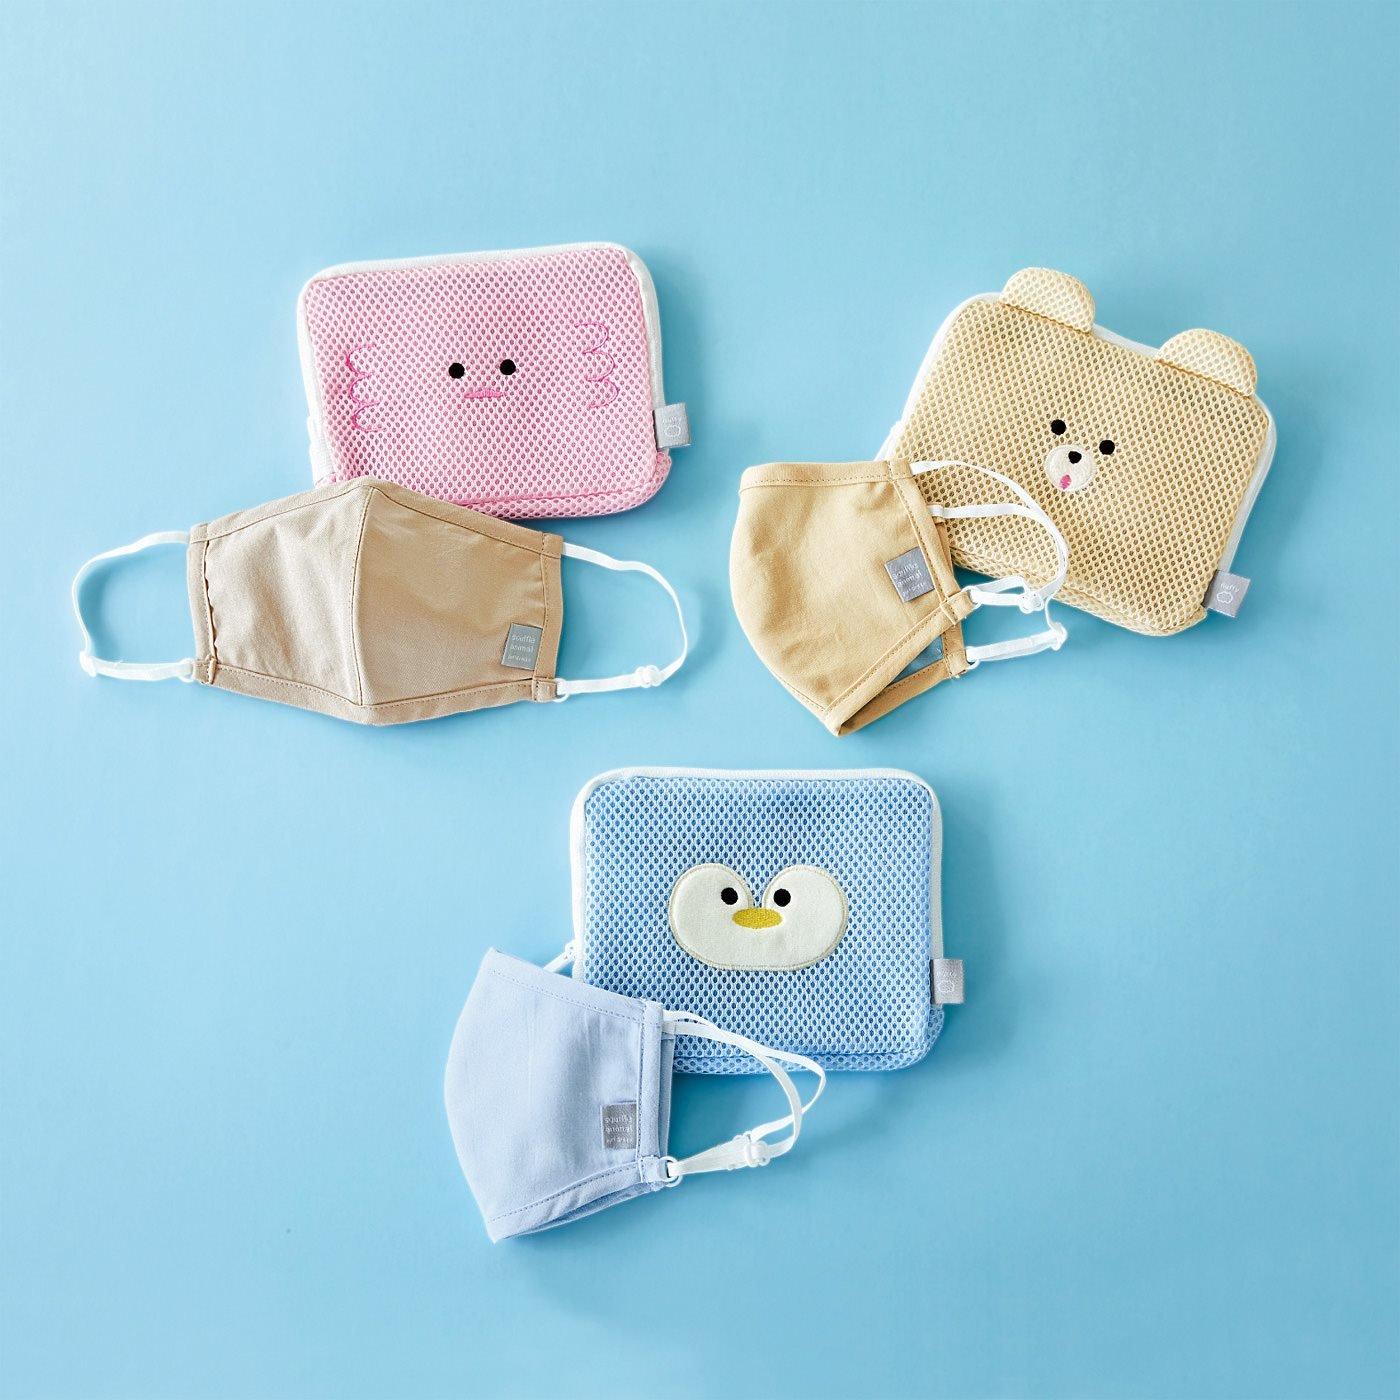 Squee! マスクポーチが洗濯ネットに変身! 冷感マスク&アニマルフェイスのマスクポーチセットの会